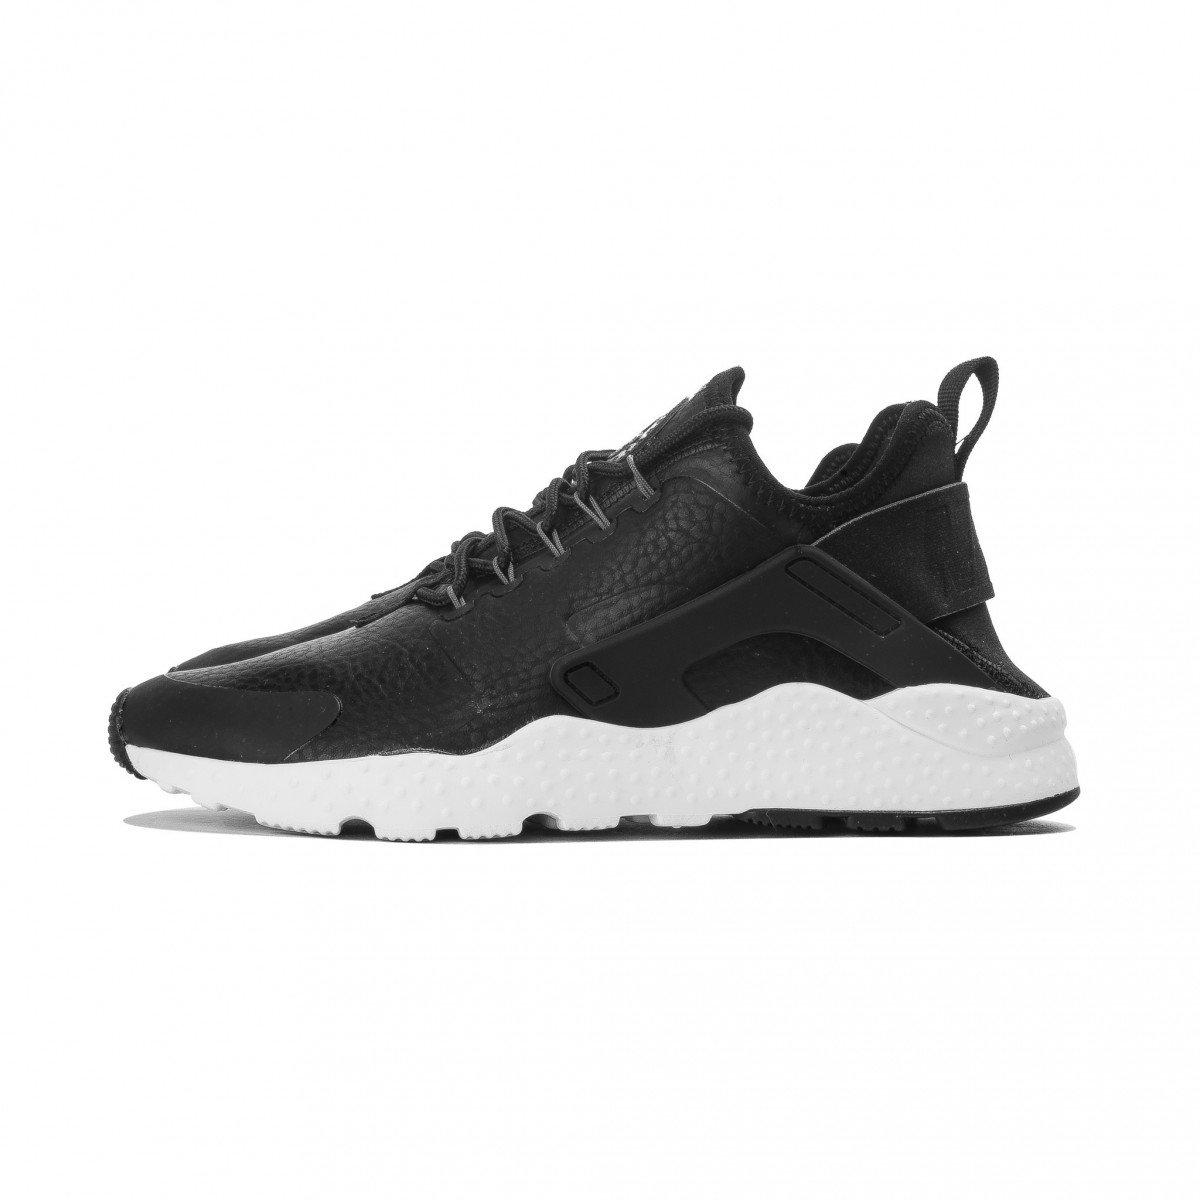 more photos 3ab10 3aec9 Galleon - Nike AIR HUARACHE RUN ULTRA PRM Womens Running-shoes  859511-400 12 - Black   Dark Grey   White